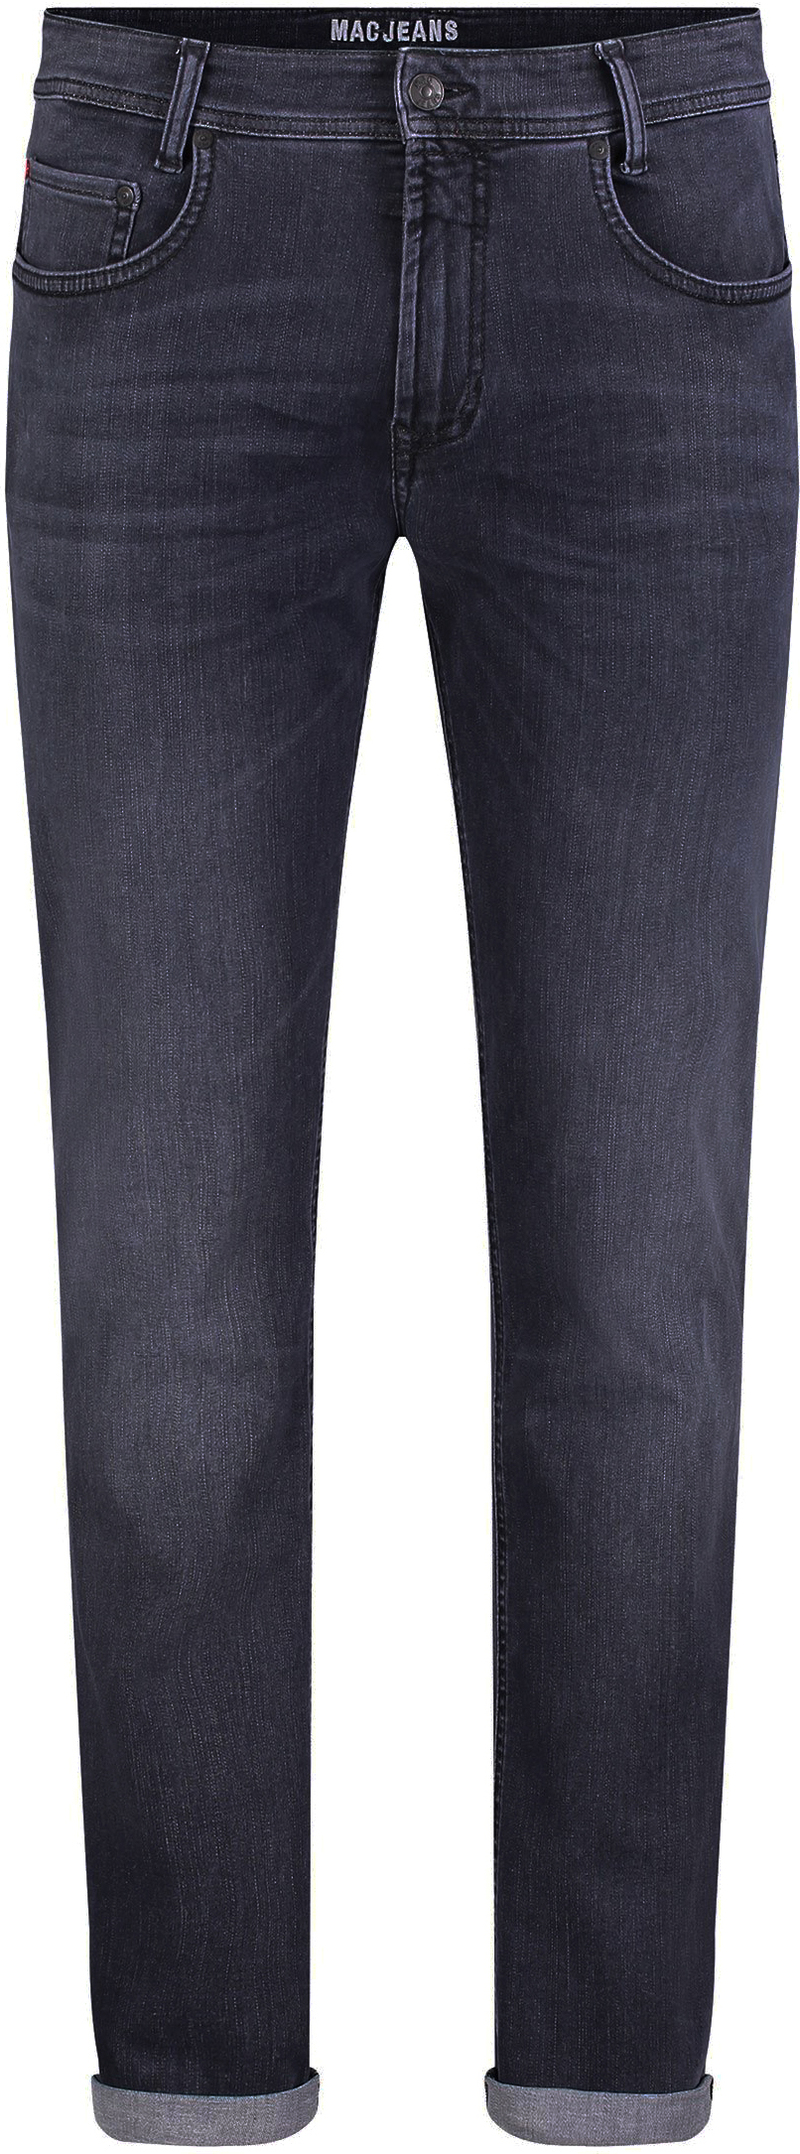 Mac Jeans Arne Pipe Flexx Superstretch H849 Foto 0